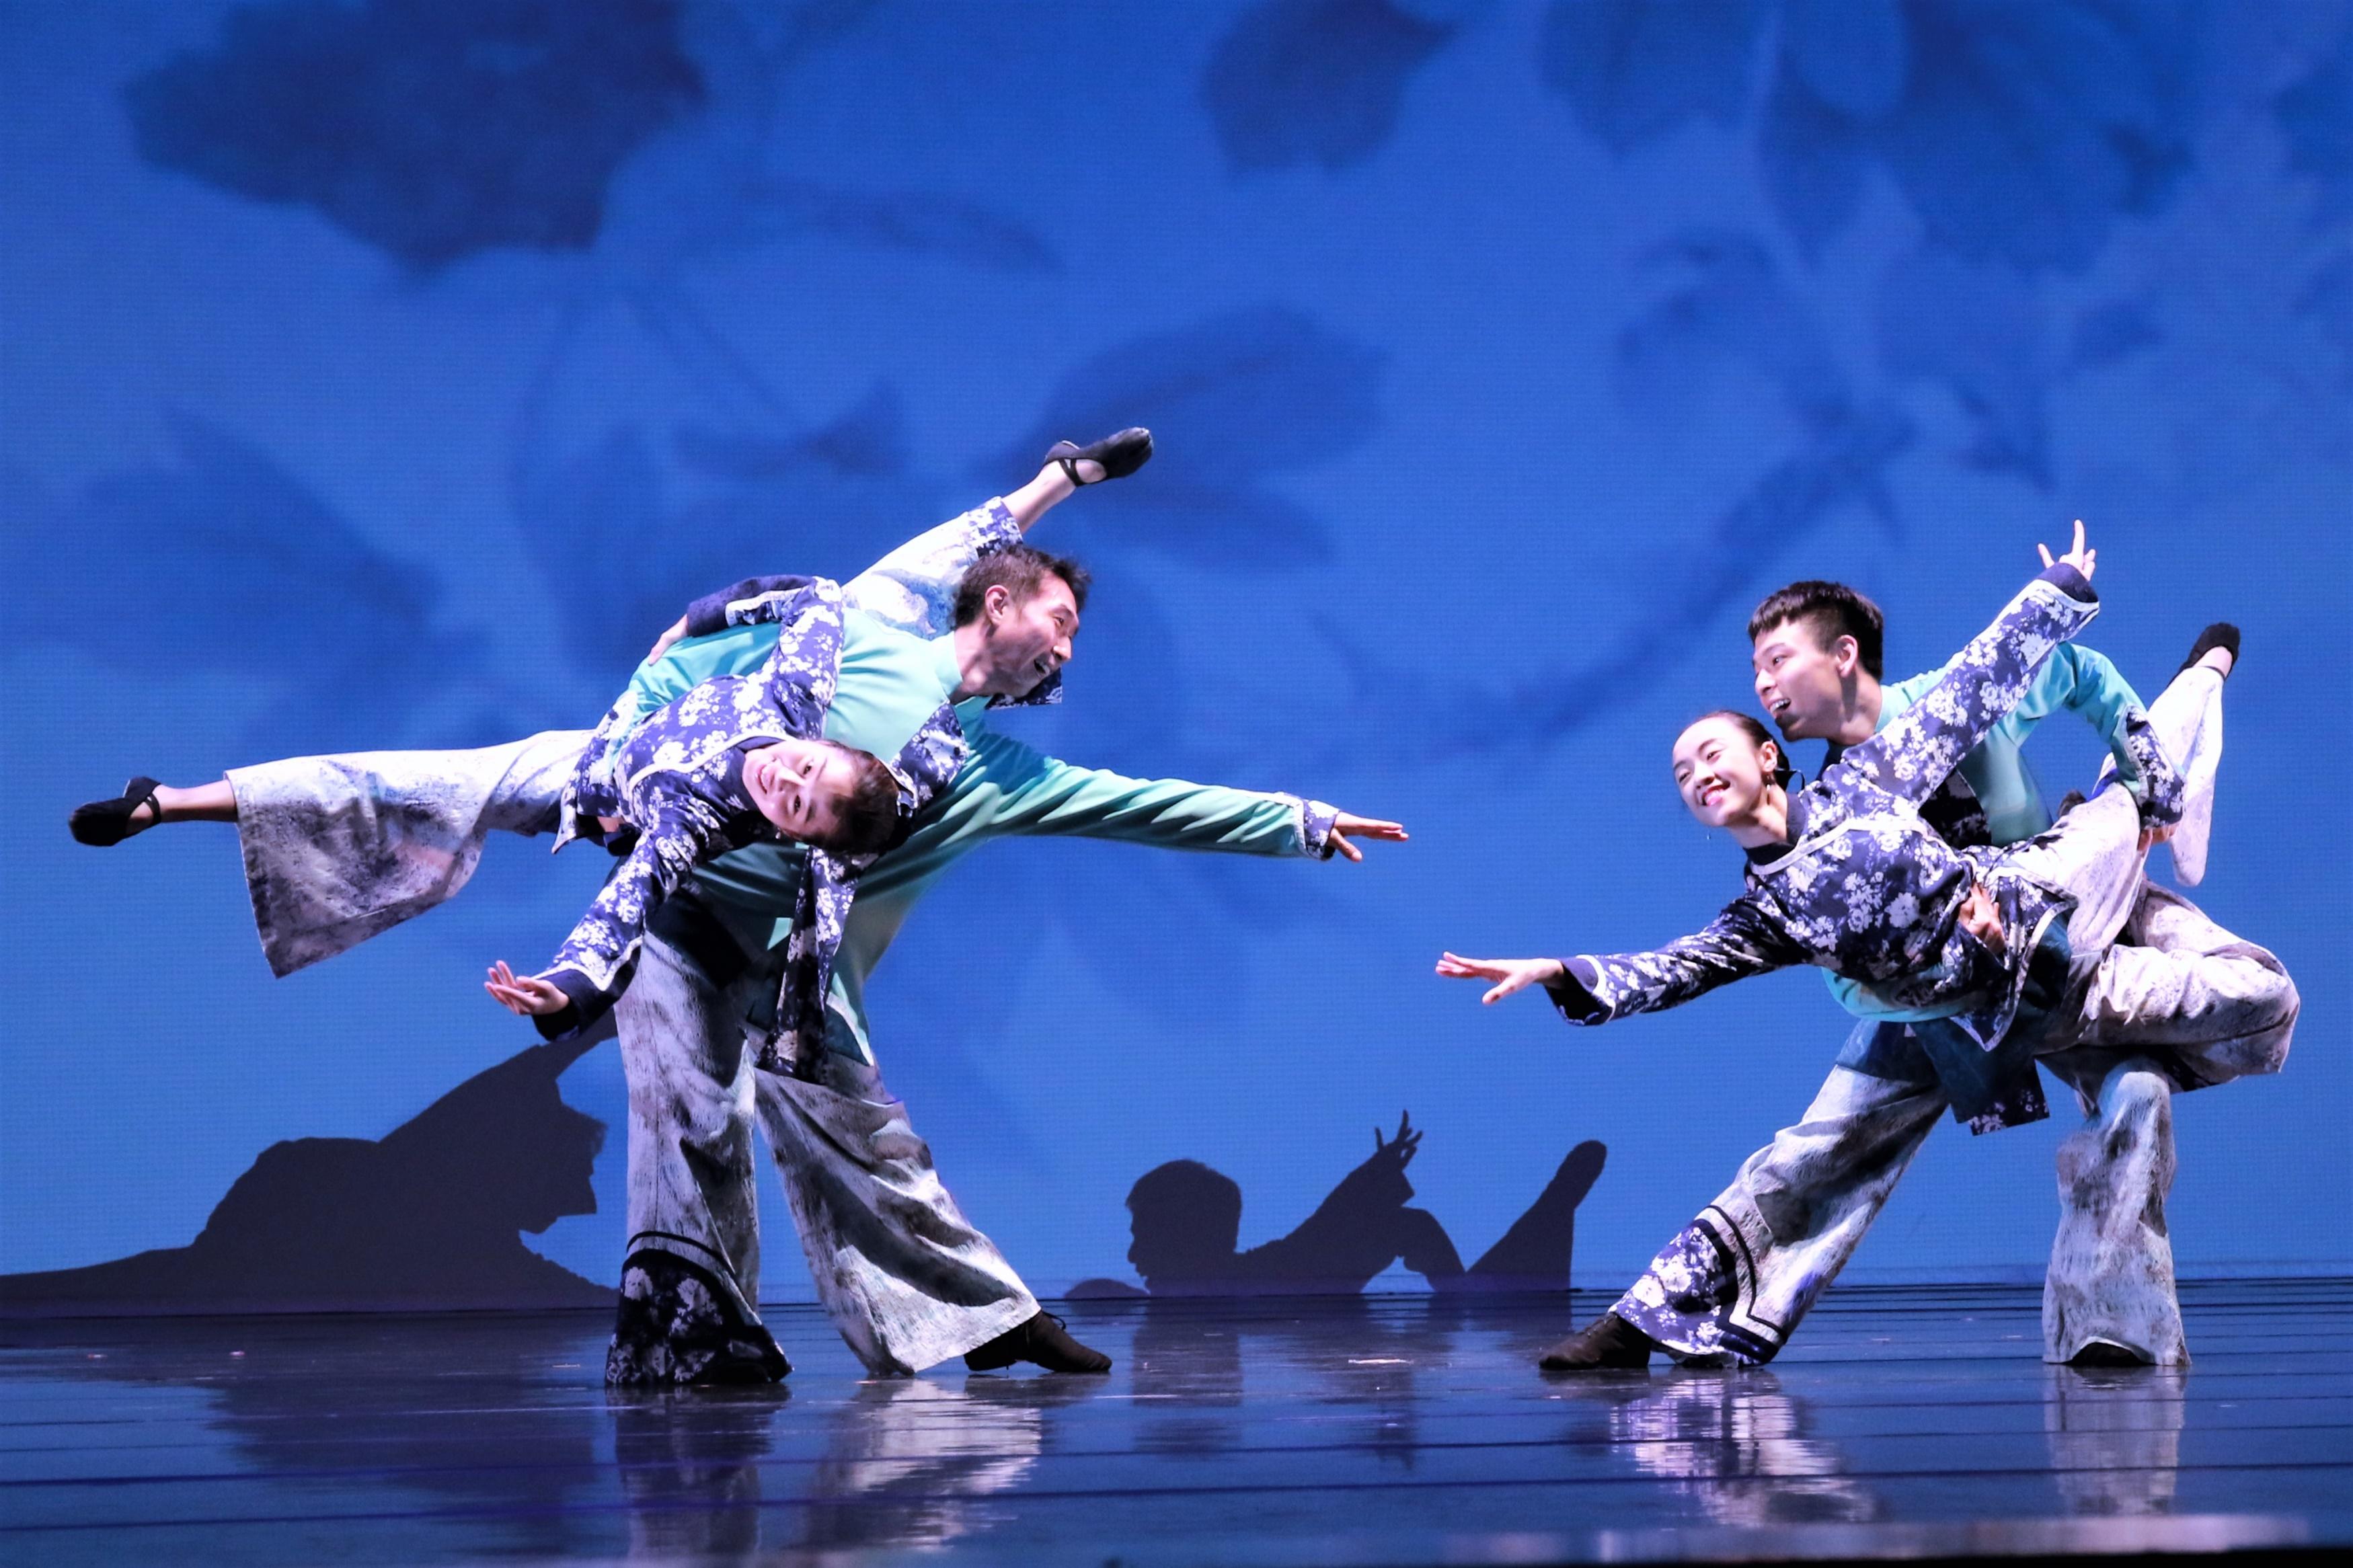 紅瓦民族舞蹈團